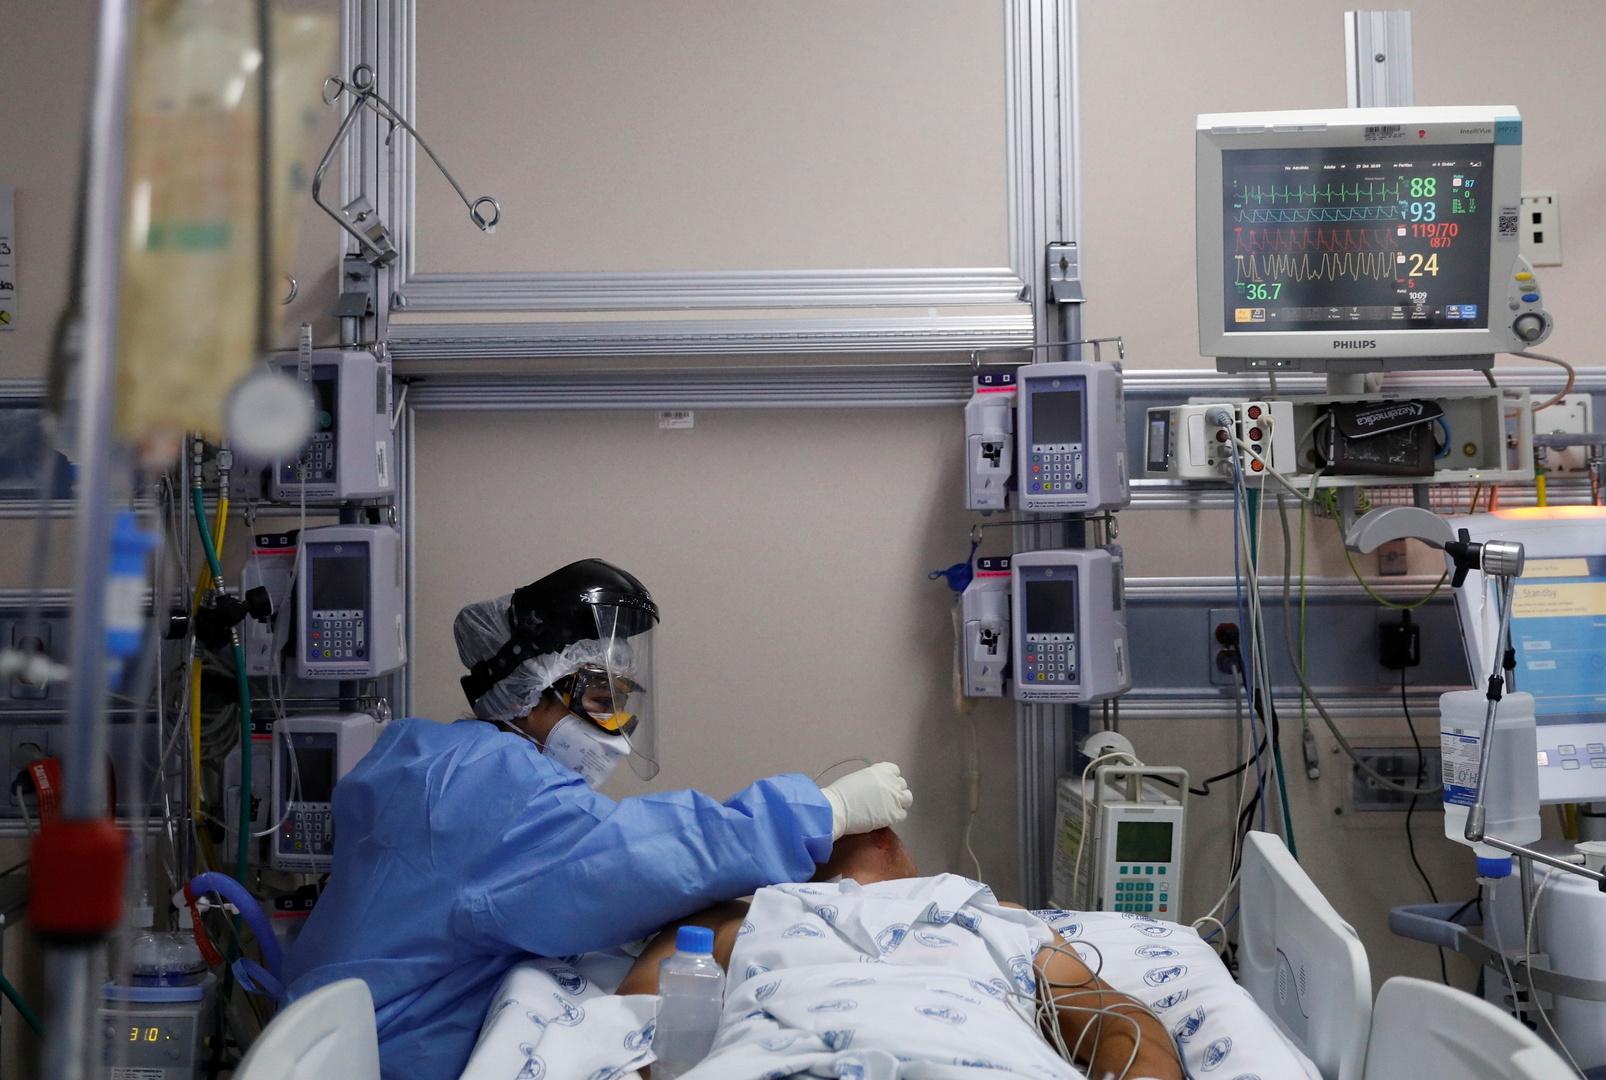 الولايات المتحدة تسجل قفزة قياسية في إصابات كورونا اليومية